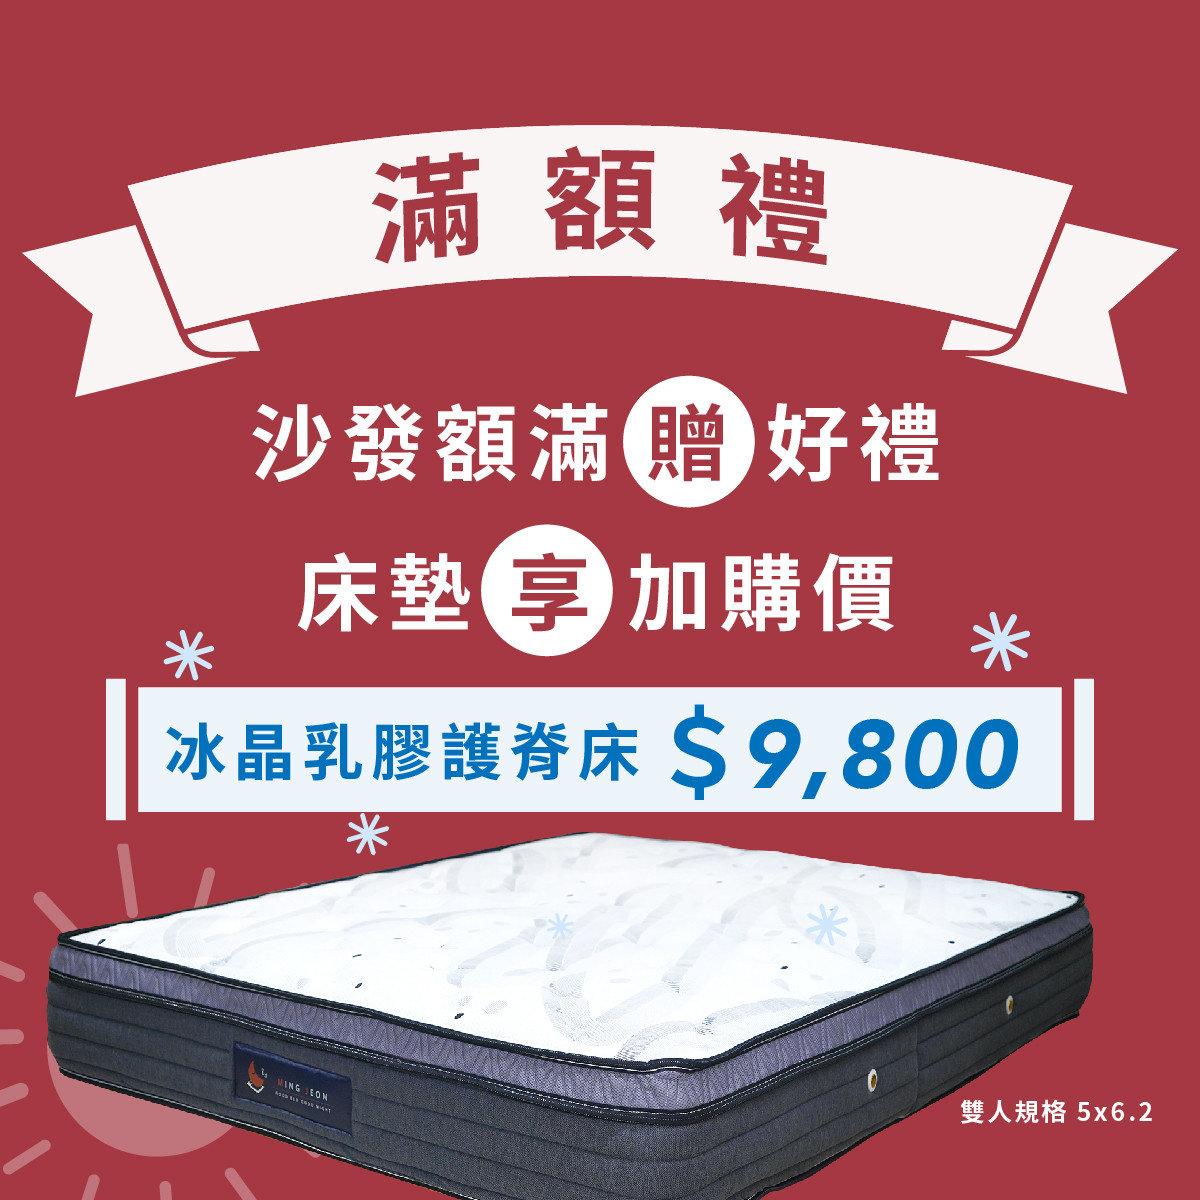 明久家具台南店開幕活動四:滿額禮-購買沙發滿3萬,即可以半價9800加購冰晶乳膠護脊床墊!再享好禮大放送。